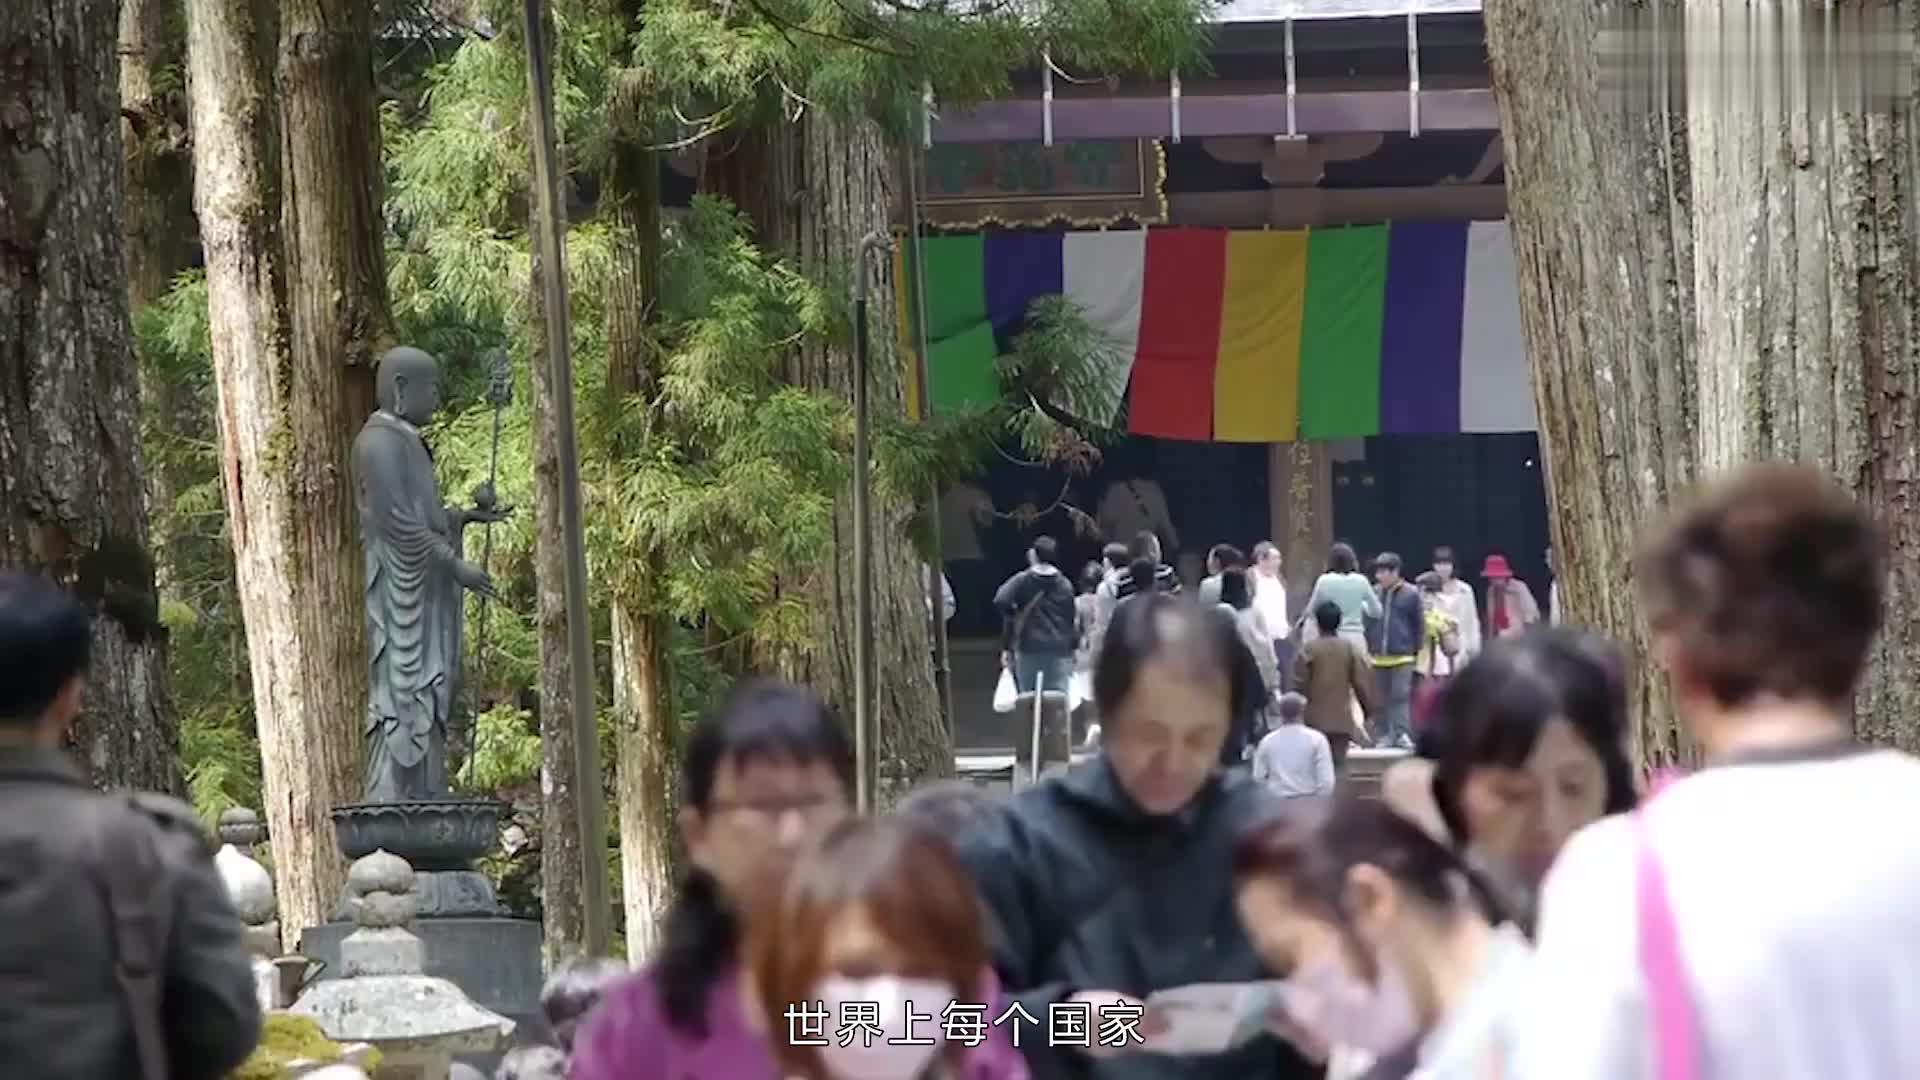 游客参拜日本神社,在牌上写下中文留言,内容十分搞笑